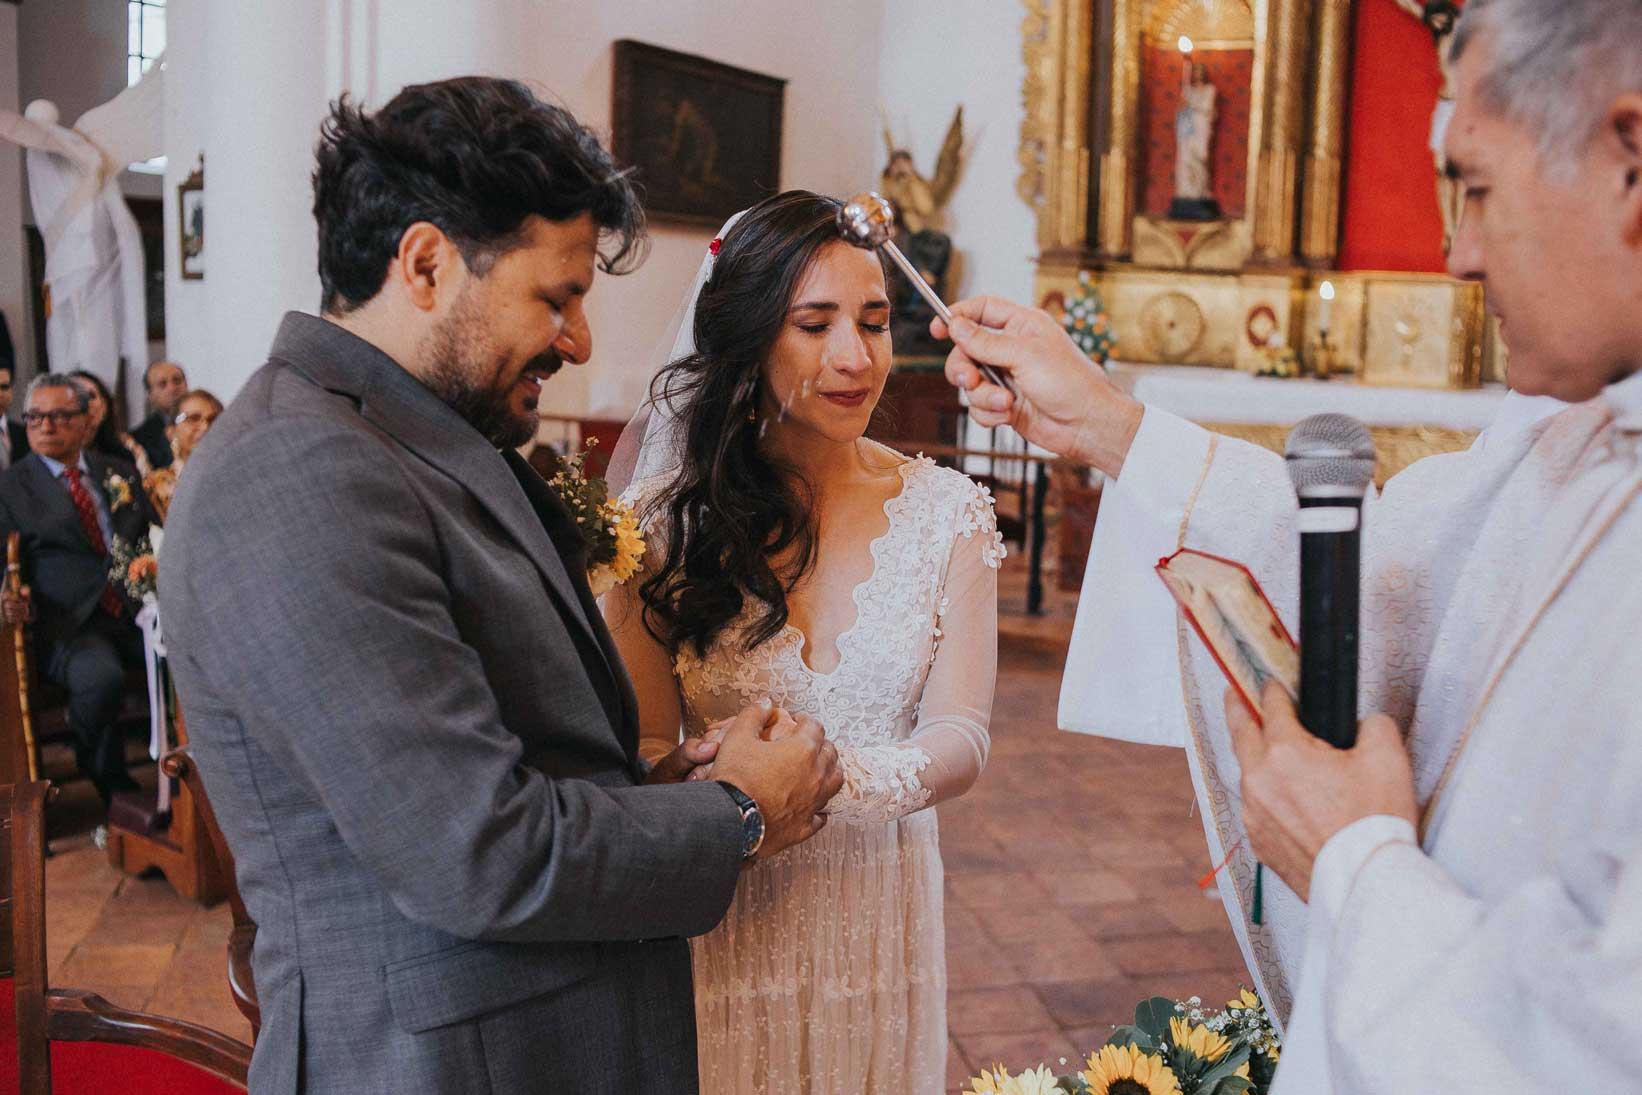 Fotógrafos de boda, fotógrafos de boda en Colombia, fotógrafos de boda en Bogota, fotógrafos de boda en Villa de Leyva, fotografos de boda en Medellin, fotógrafos de boda en Mexico, fotógrafos de boda en Cancun, fotógrafos de boda en Monterrey, fotógrafos de boda Colombia, fotografía de boda, fotografía de bodas, fotografías de boda, ideas de fotografías de bodas, inspiración bodas, bodas Colombia, bodas Mexico, Bodas Cali, bodas Medeelin, bodas en villa de Leyva, Villa de Leyva, fotografías en villa de Leyva, wedding photography, wedding photographer, wedding photographers, wedding photo inspiration, sesión de fotos de parejas, fotógrafos de parejas, fotografía de parejas, bodas, matrimonios Colombia, matrimonios en Villa de Leyva, matrimonios Medellin, matrimonios Cali, matrimonios Monterrey